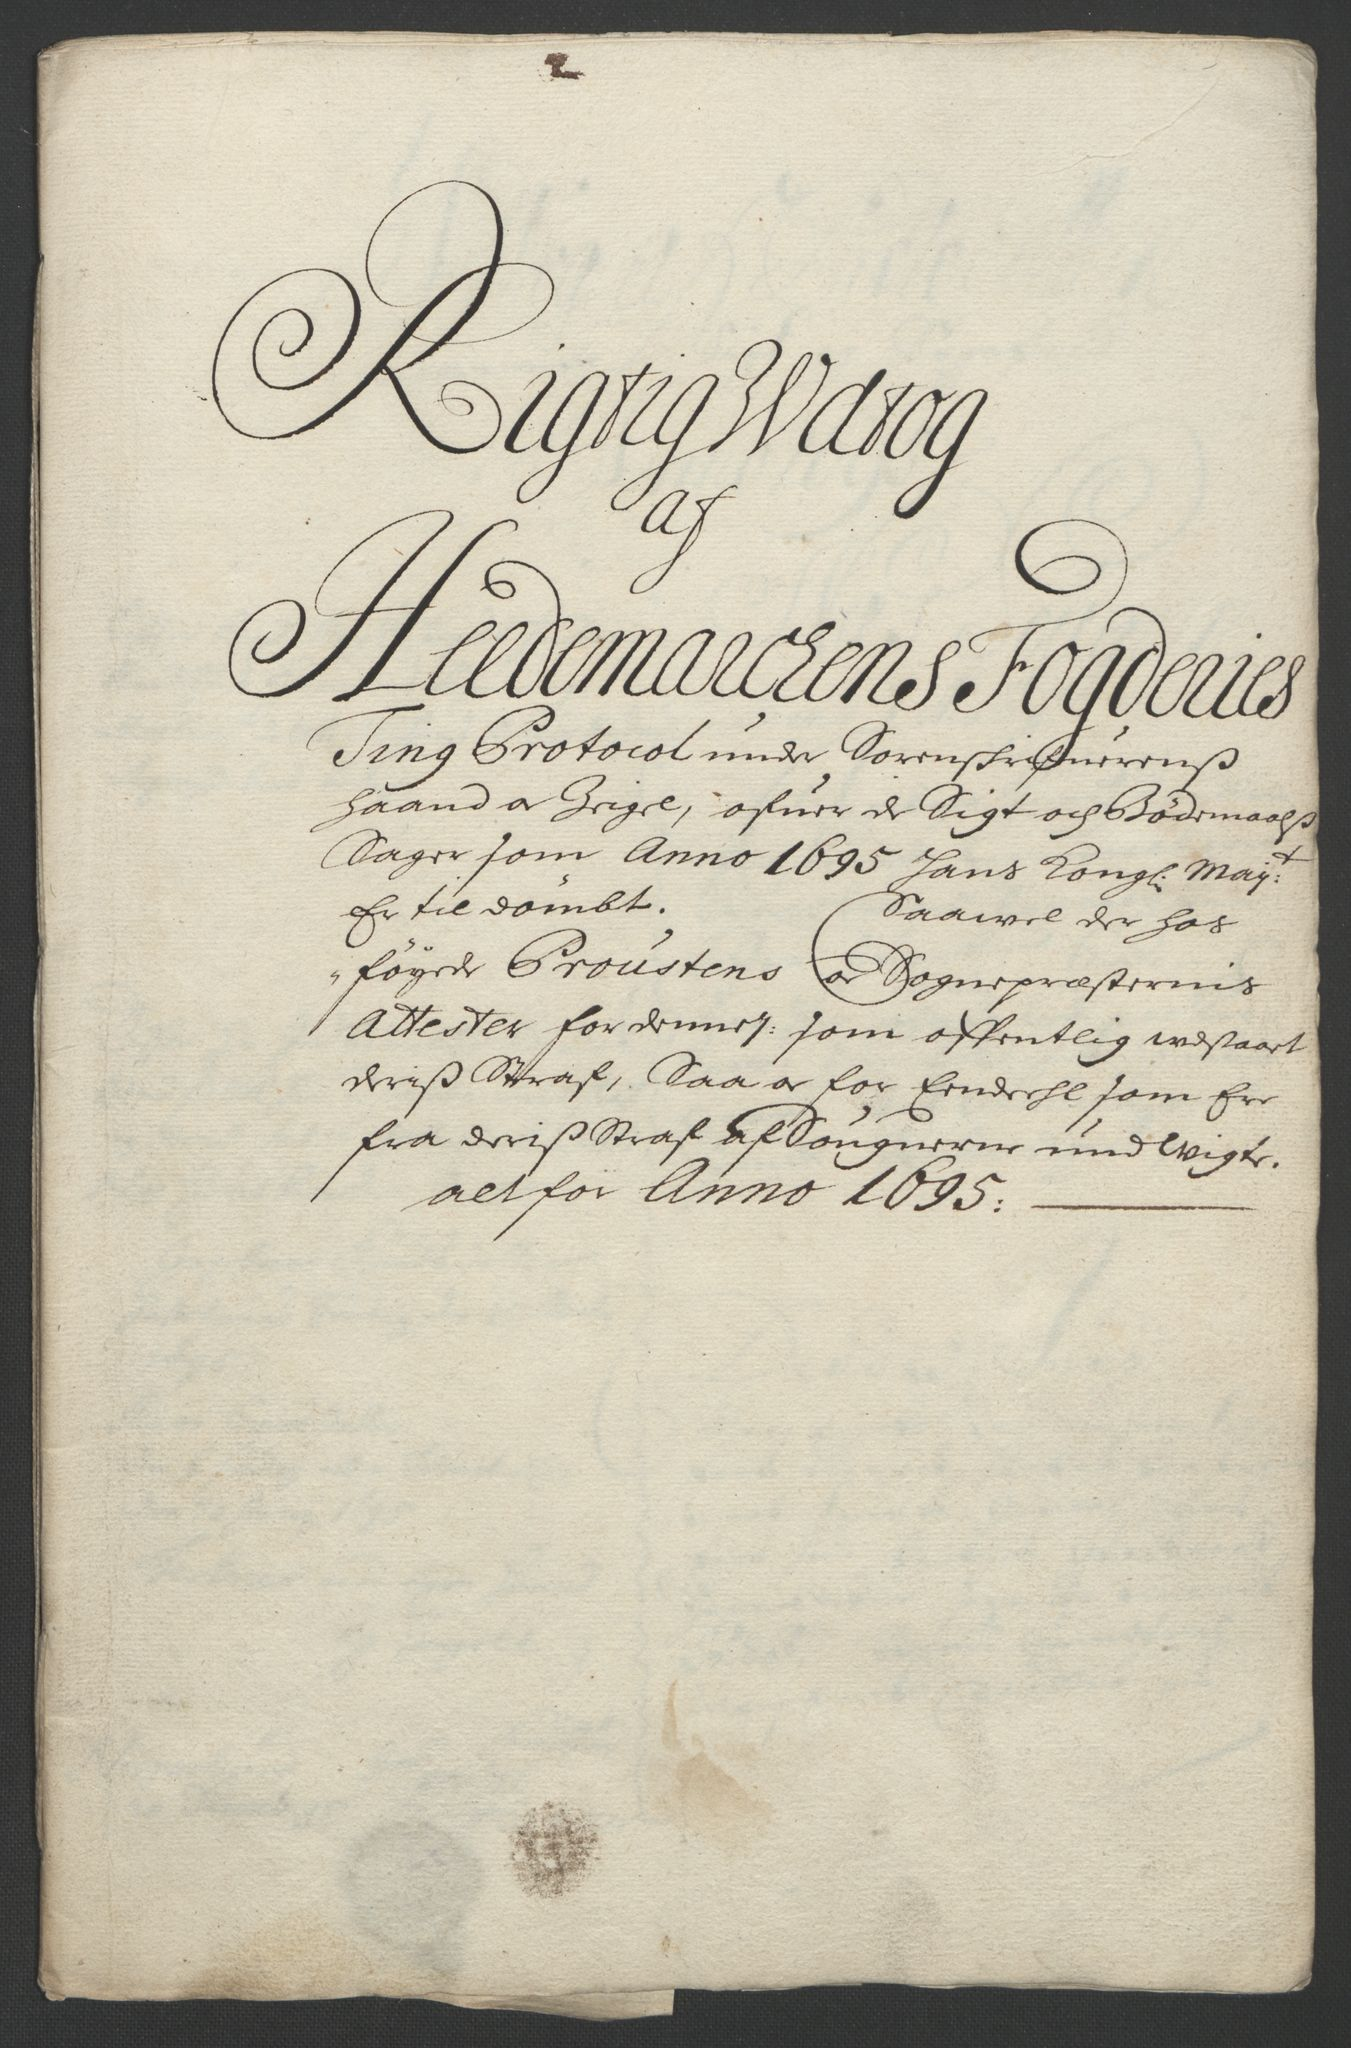 RA, Rentekammeret inntil 1814, Reviderte regnskaper, Fogderegnskap, R16/L1036: Fogderegnskap Hedmark, 1695-1696, s. 66